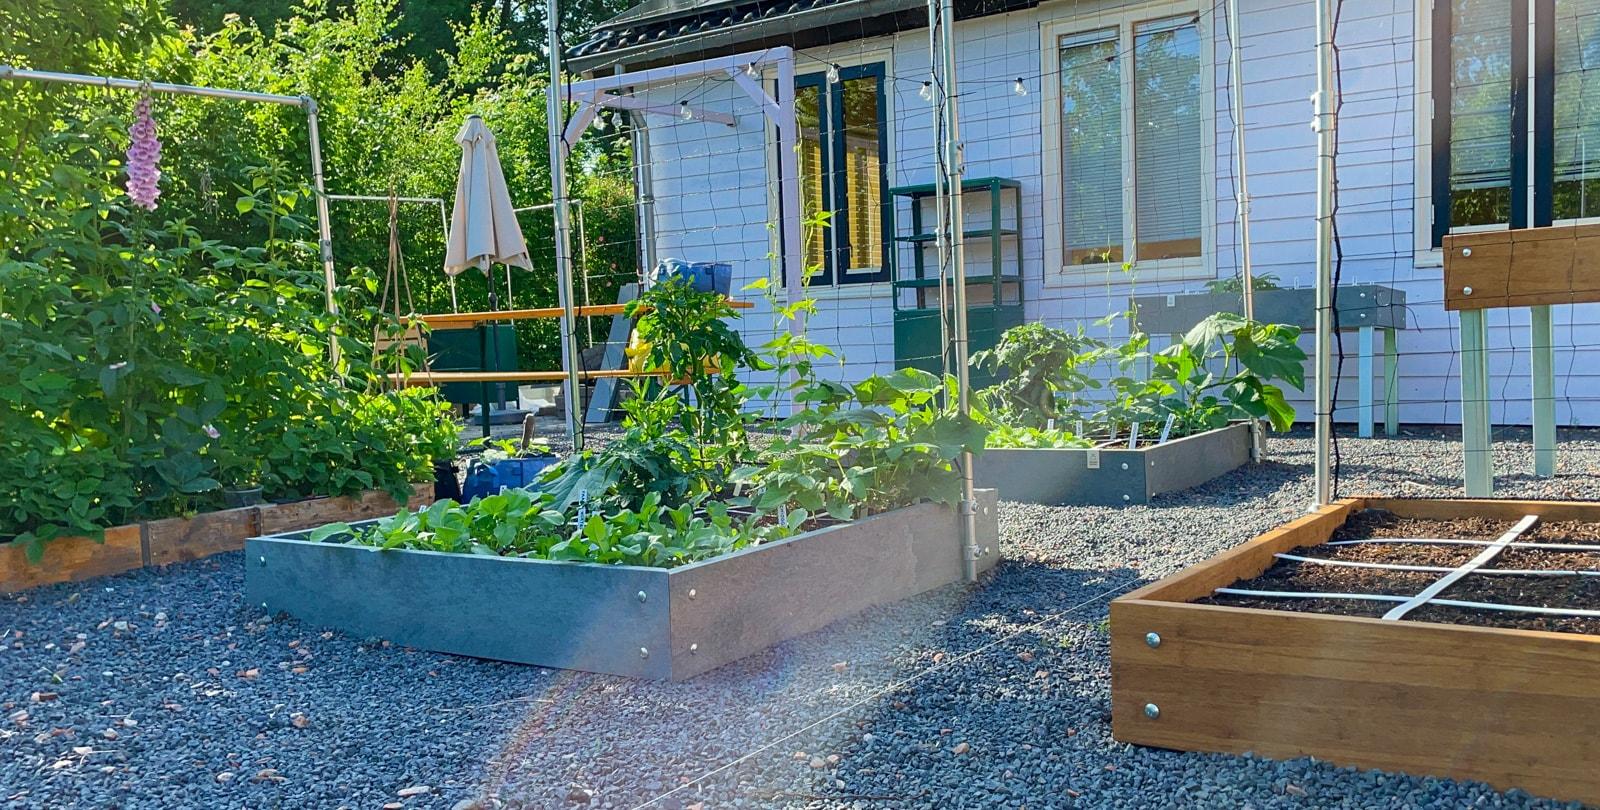 July-in-the-Planty-Garden3.jpg